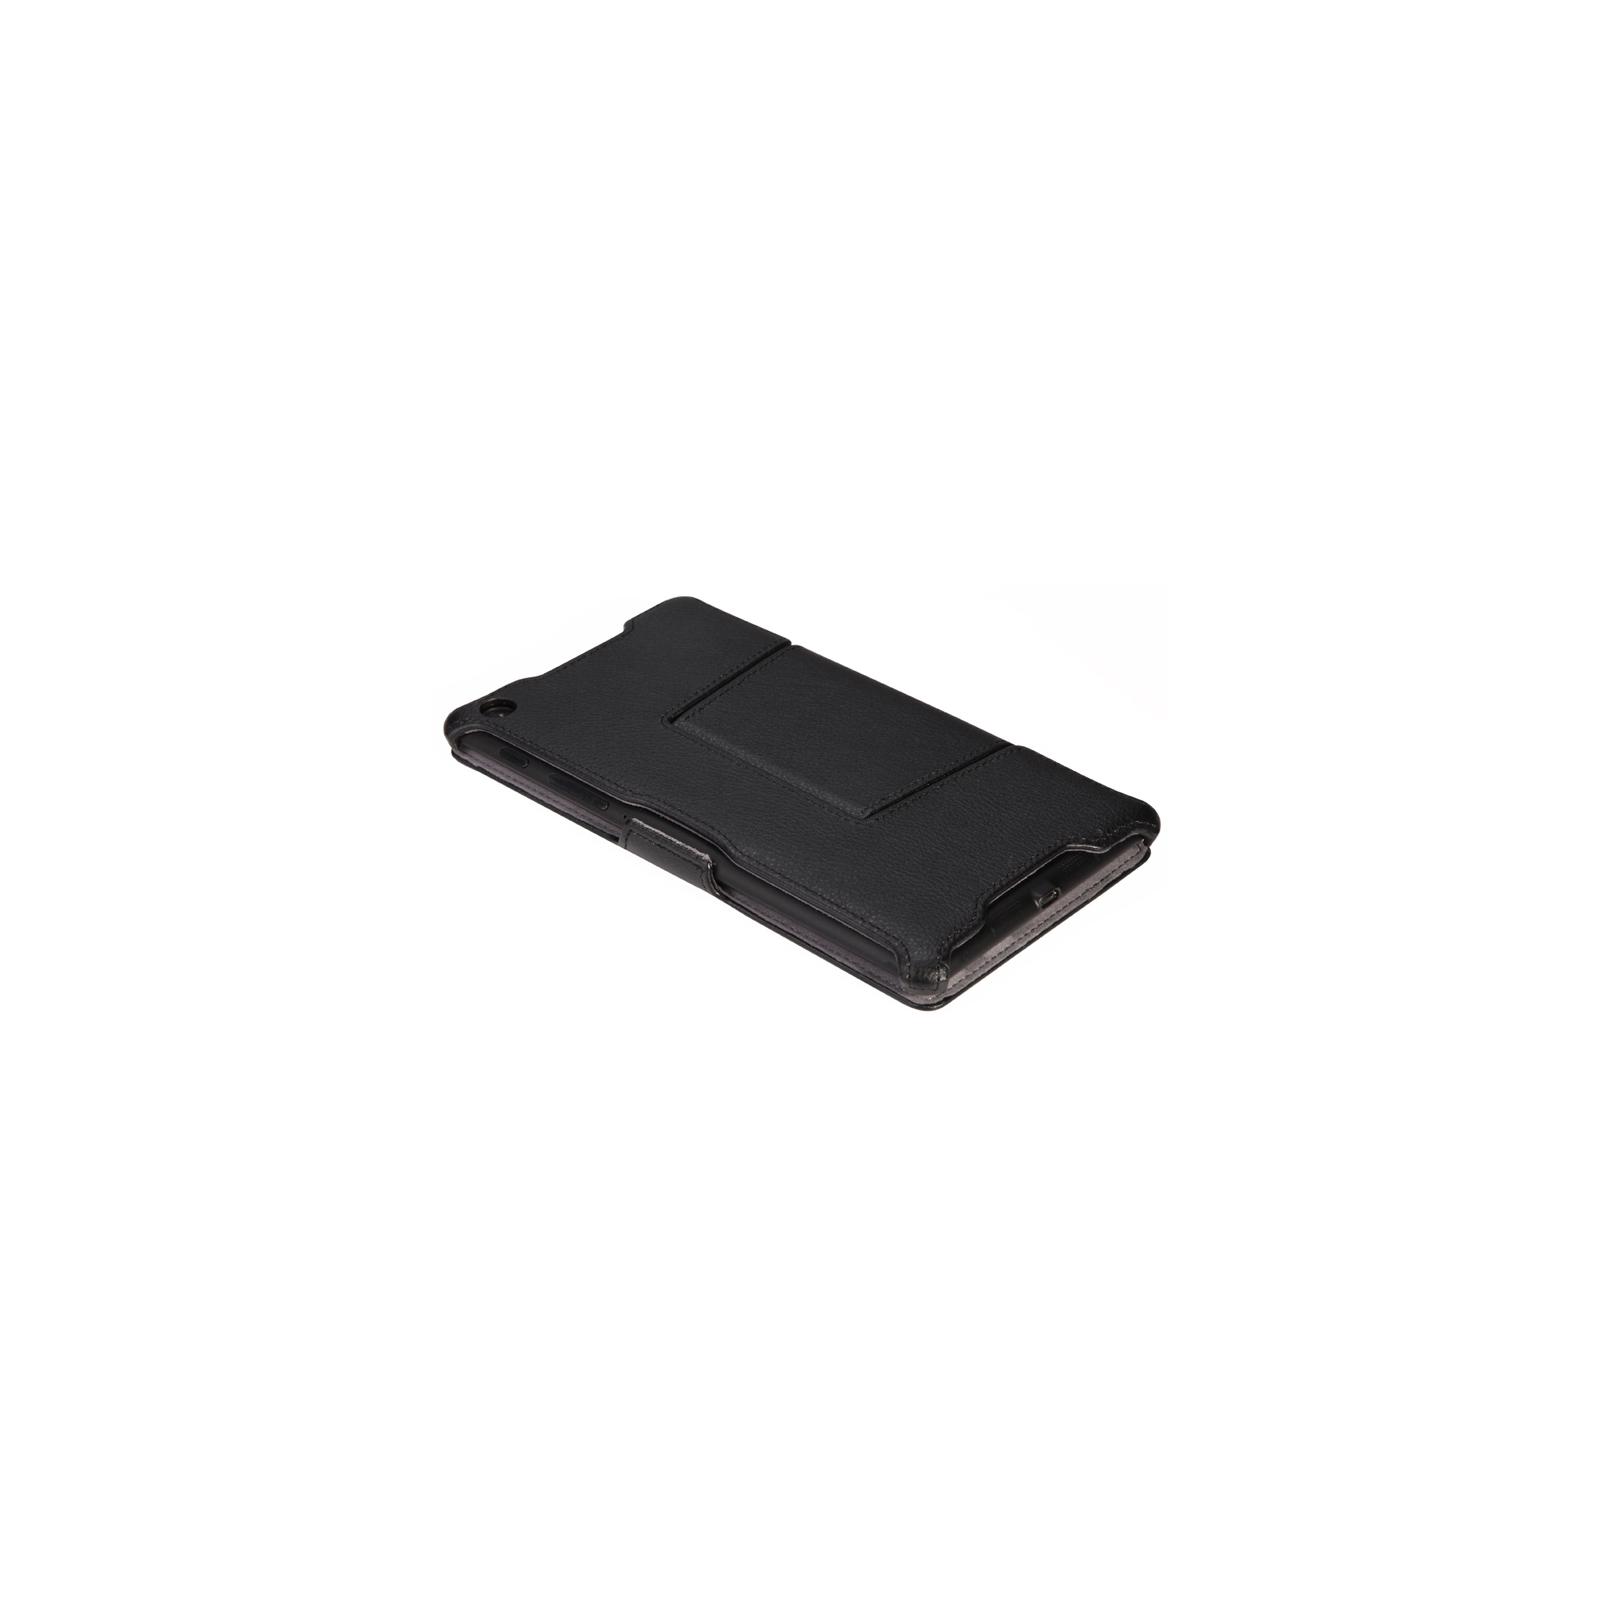 """Чехол для планшета AirOn для Google nexus 7"""" 2013 black (6946795830139) изображение 4"""